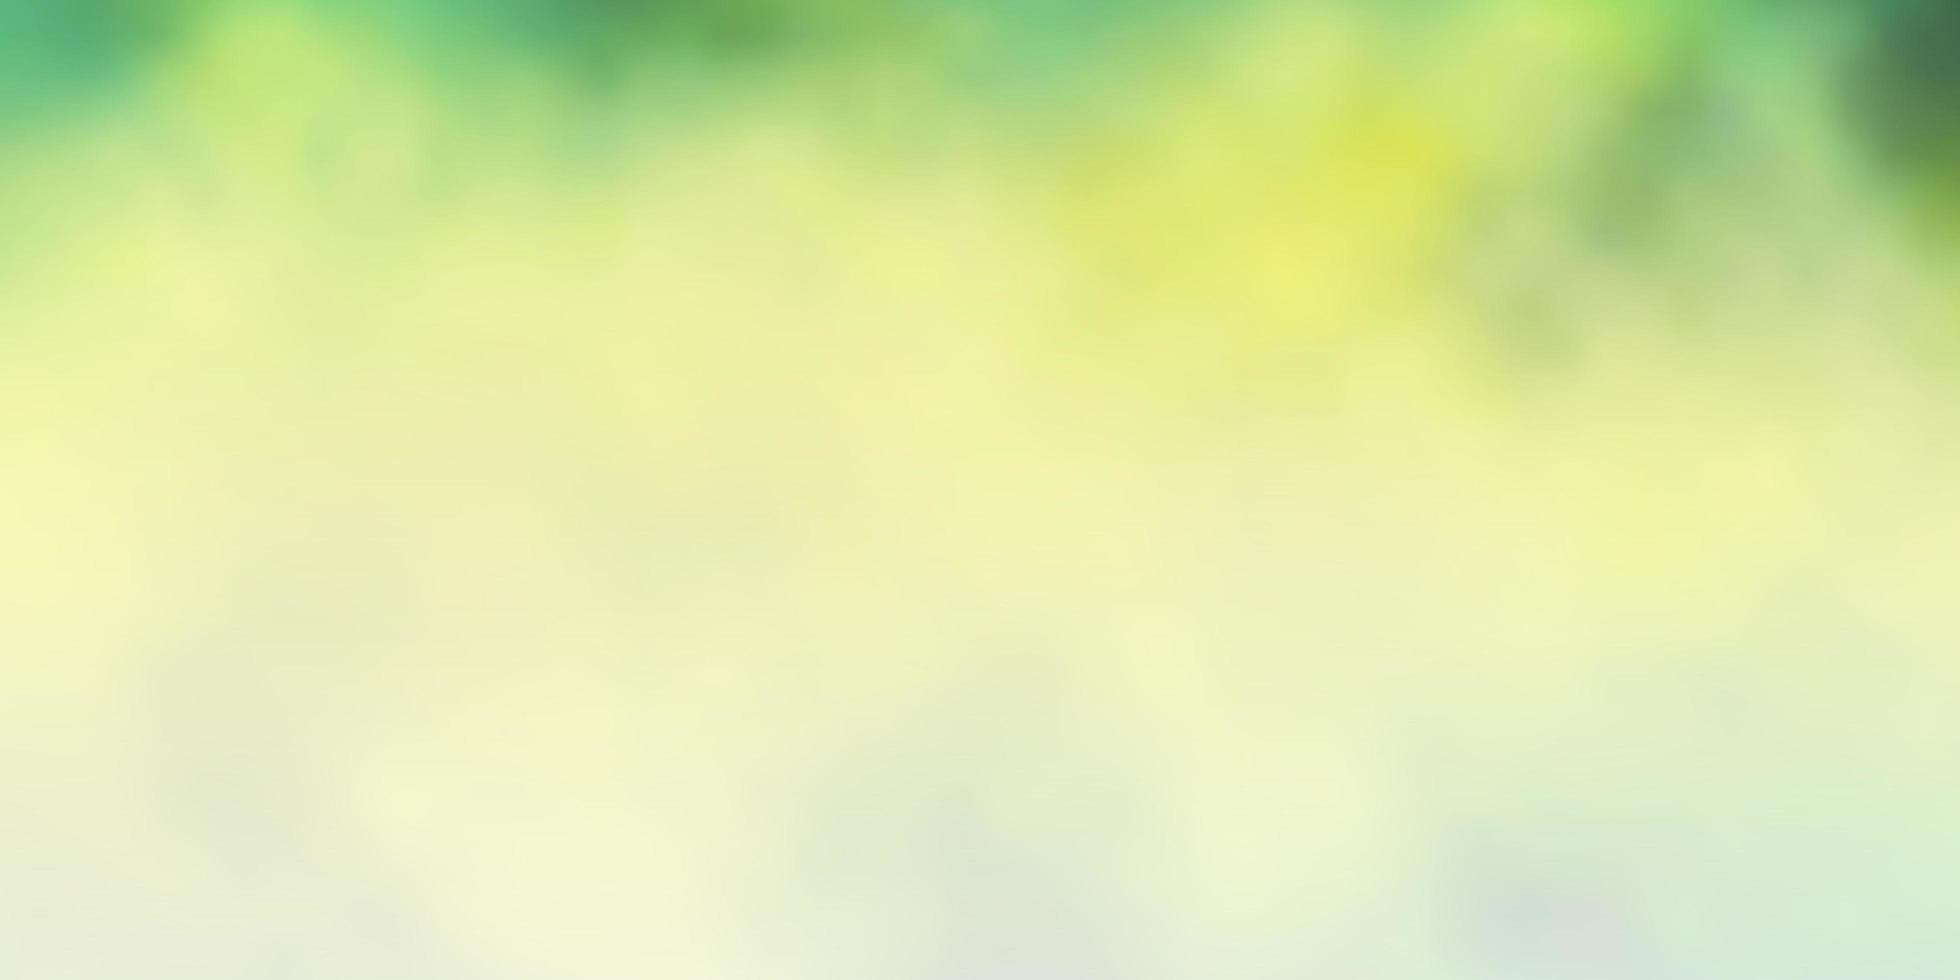 ljusgrön, gul vektorstruktur med molnig himmel. vektor